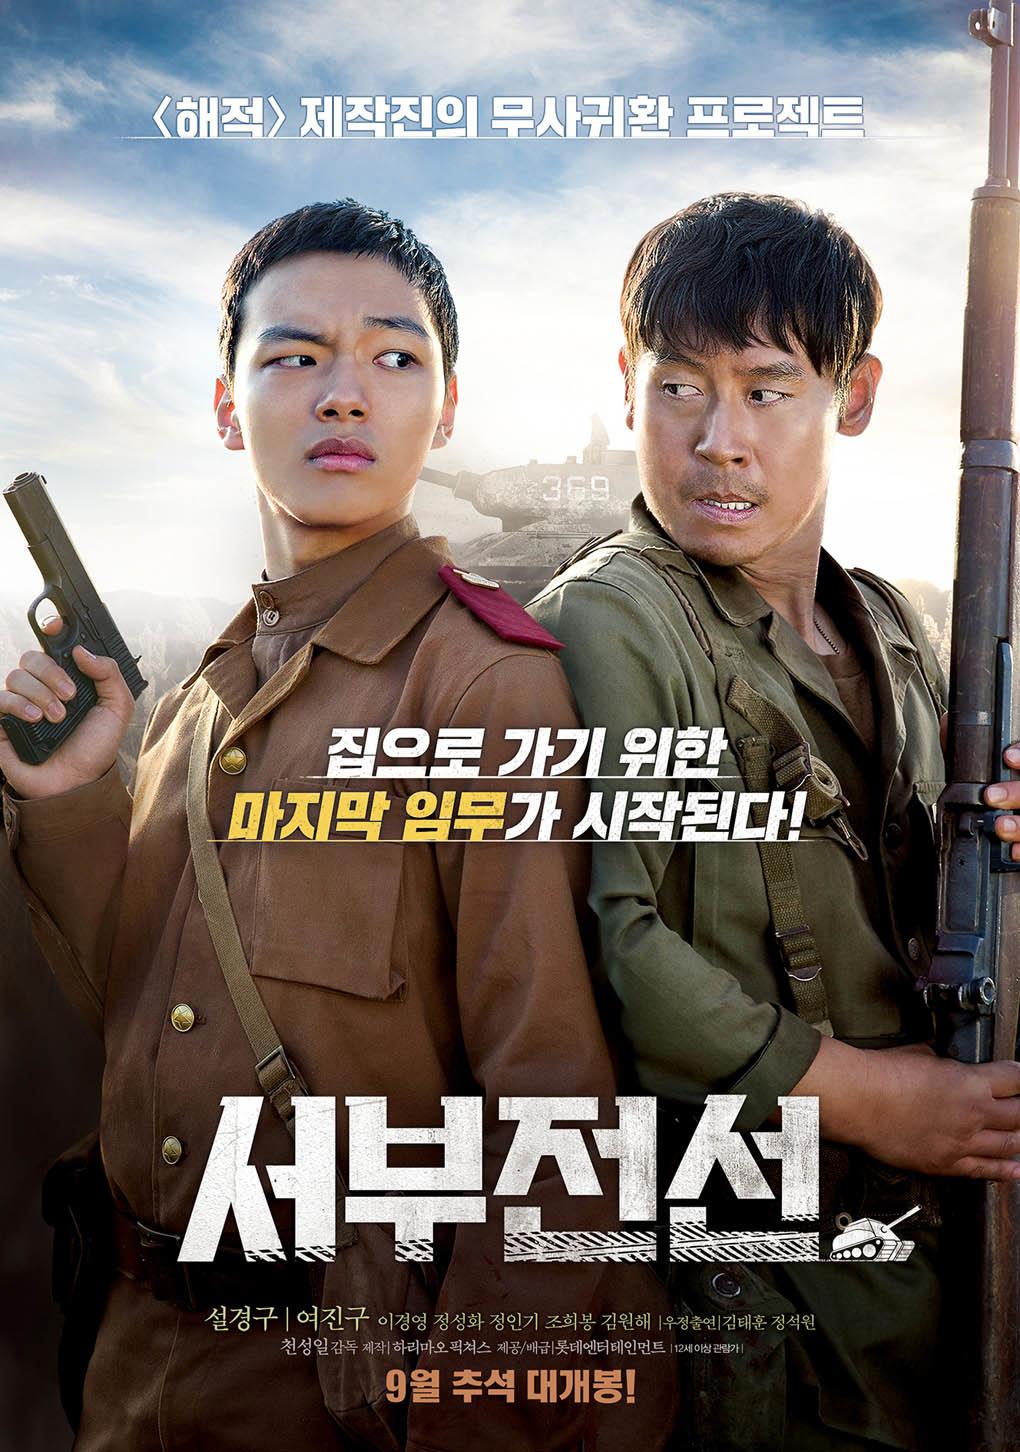 《西部戰線》海報公開 薛景求呂珍九分飾南北韓士兵 _1